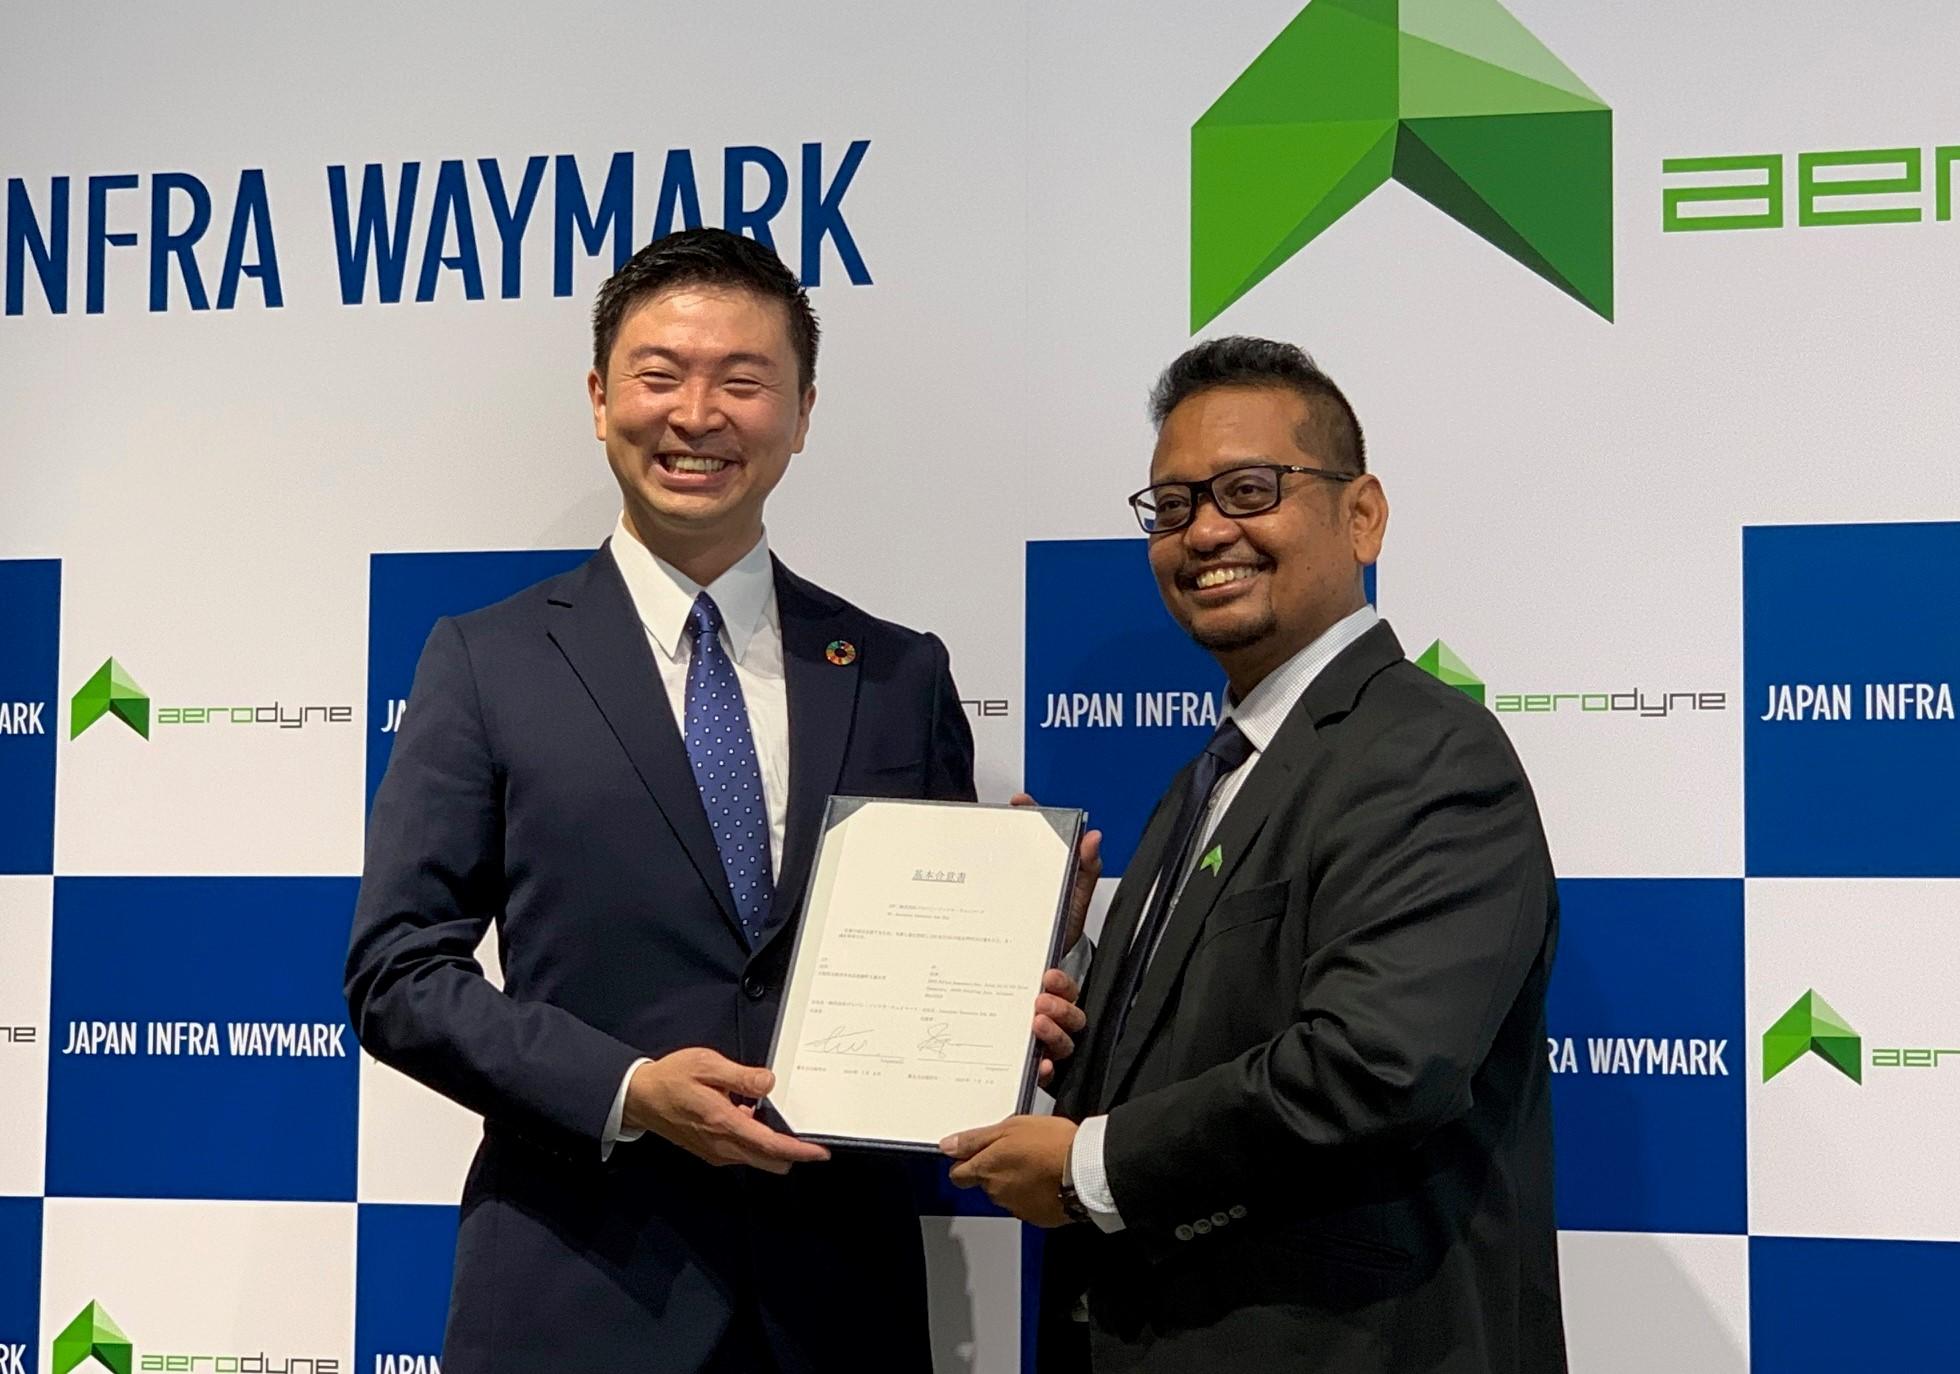 マレーシアのAerodyne とNTT西系のJIWが業務提携 インフラ点検で「最強タッグ」